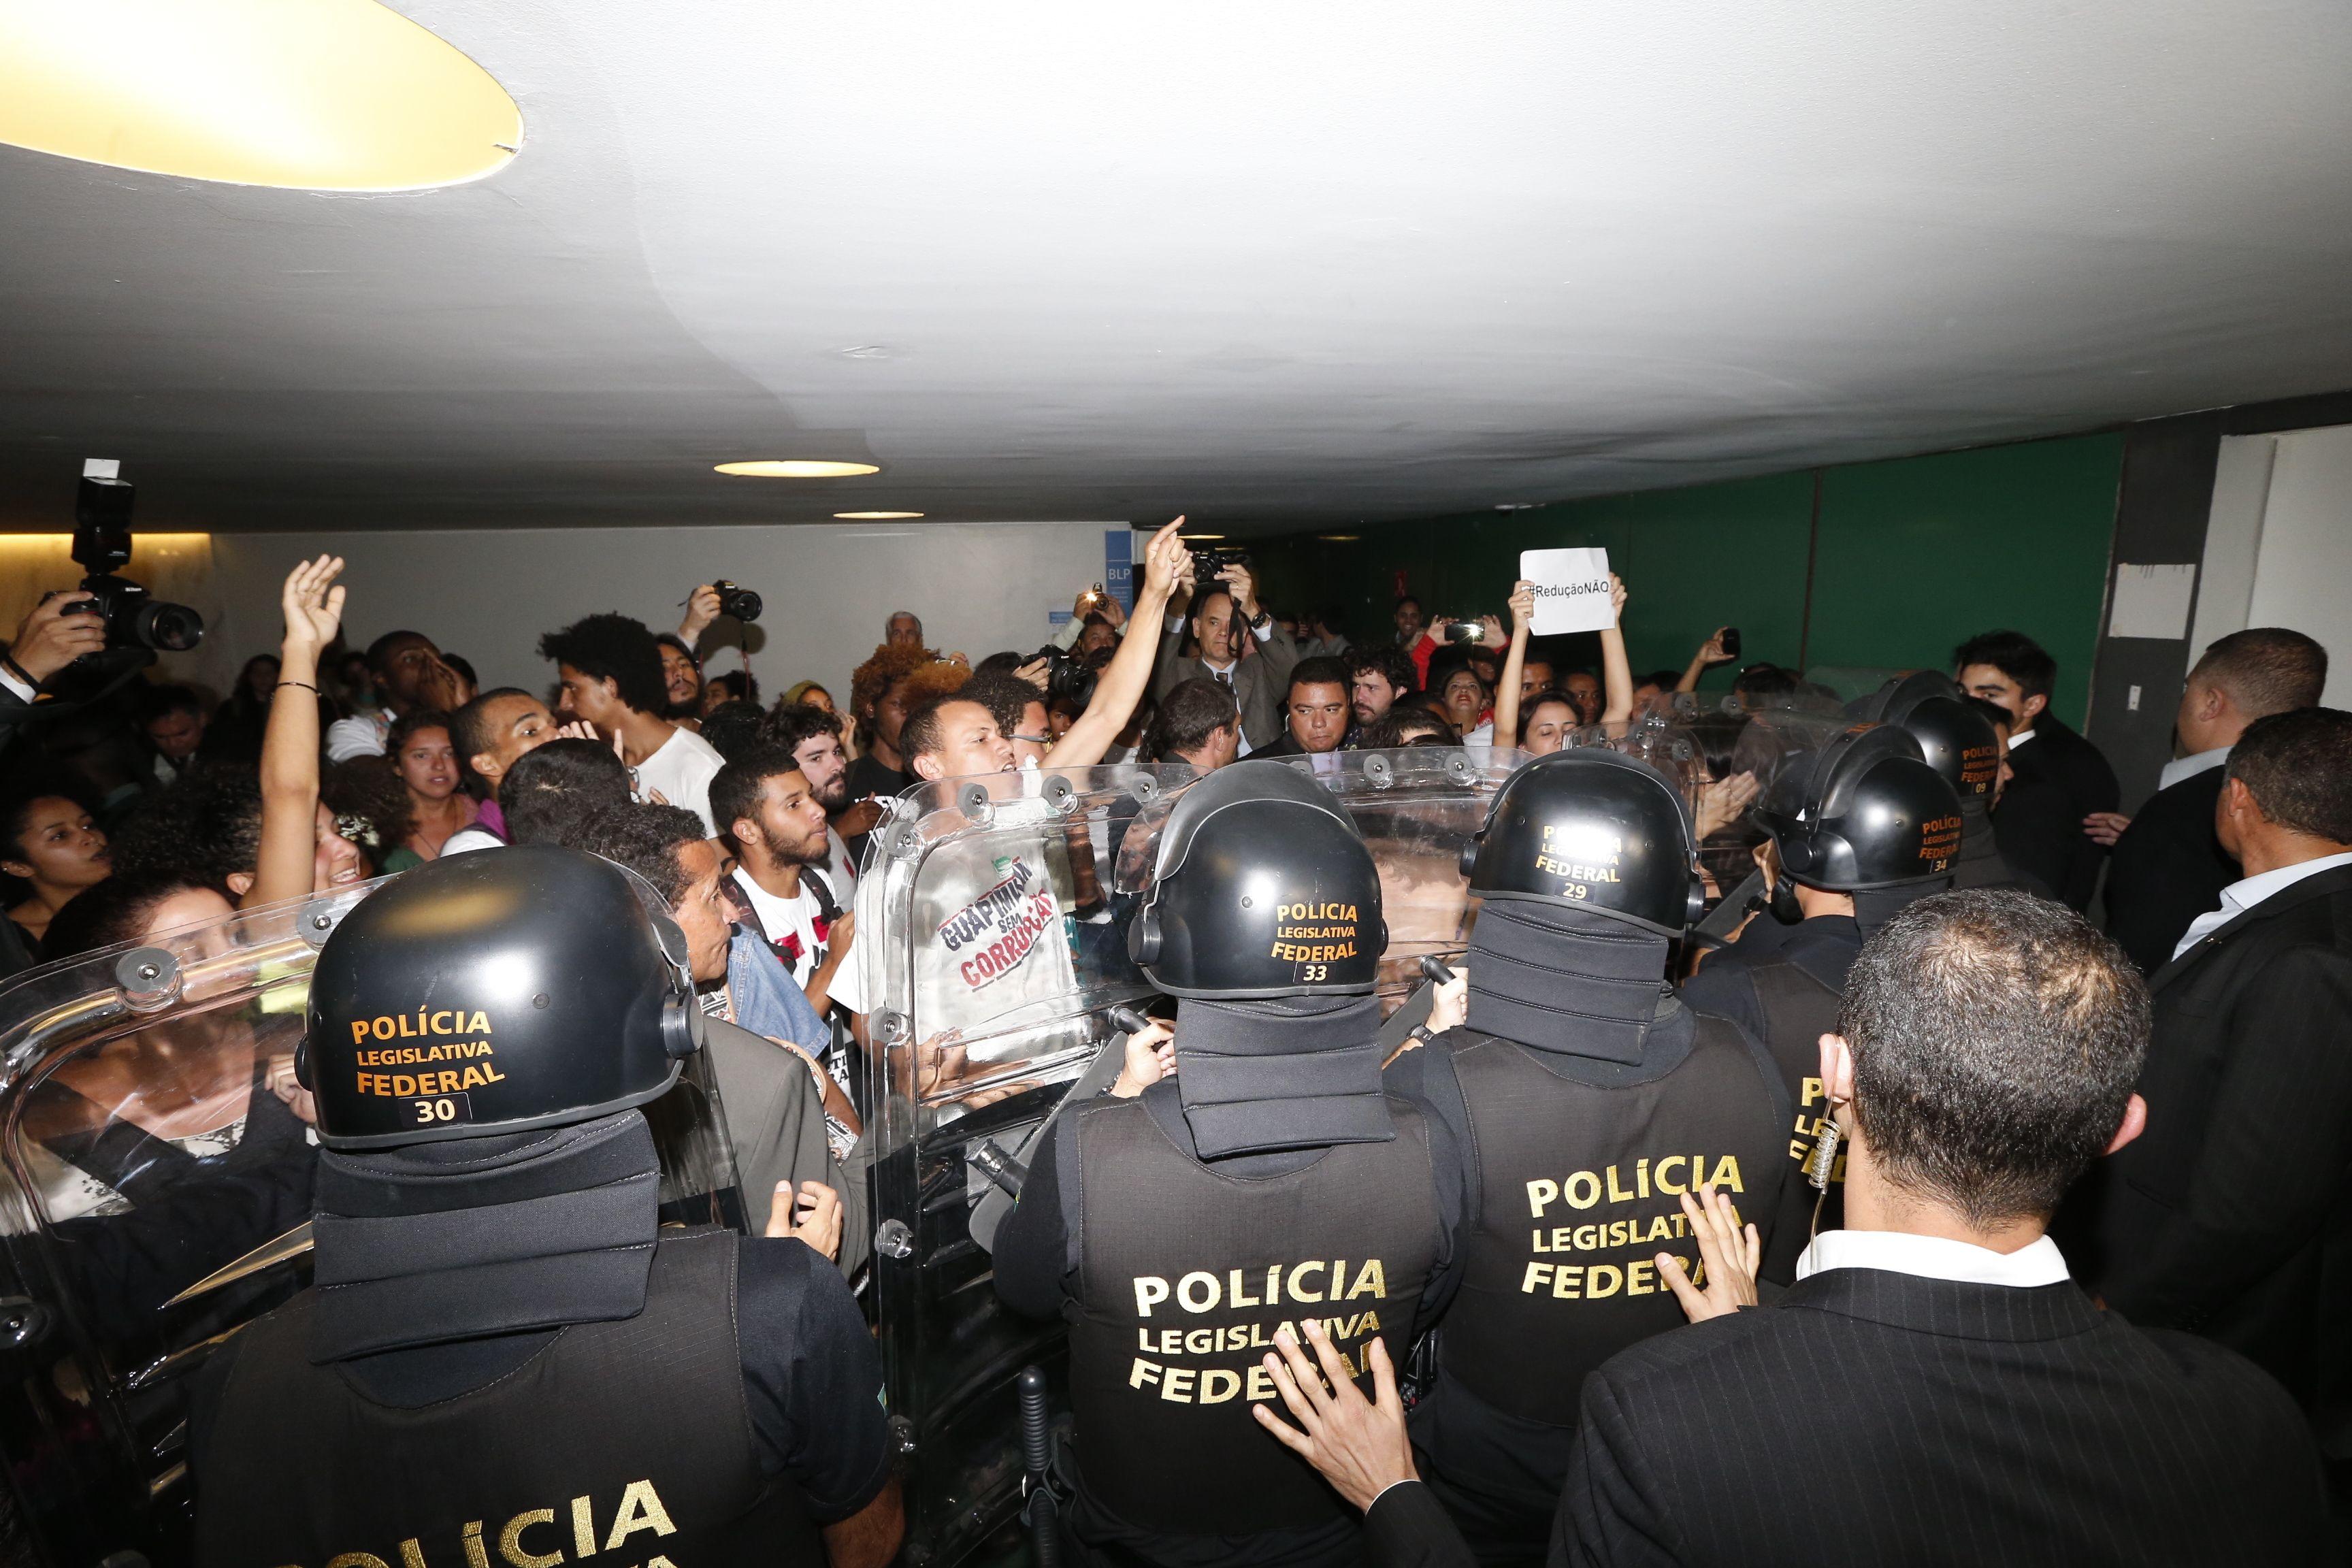 Confusão marcou início da sessão / Pedro Ladeira/Folhapress